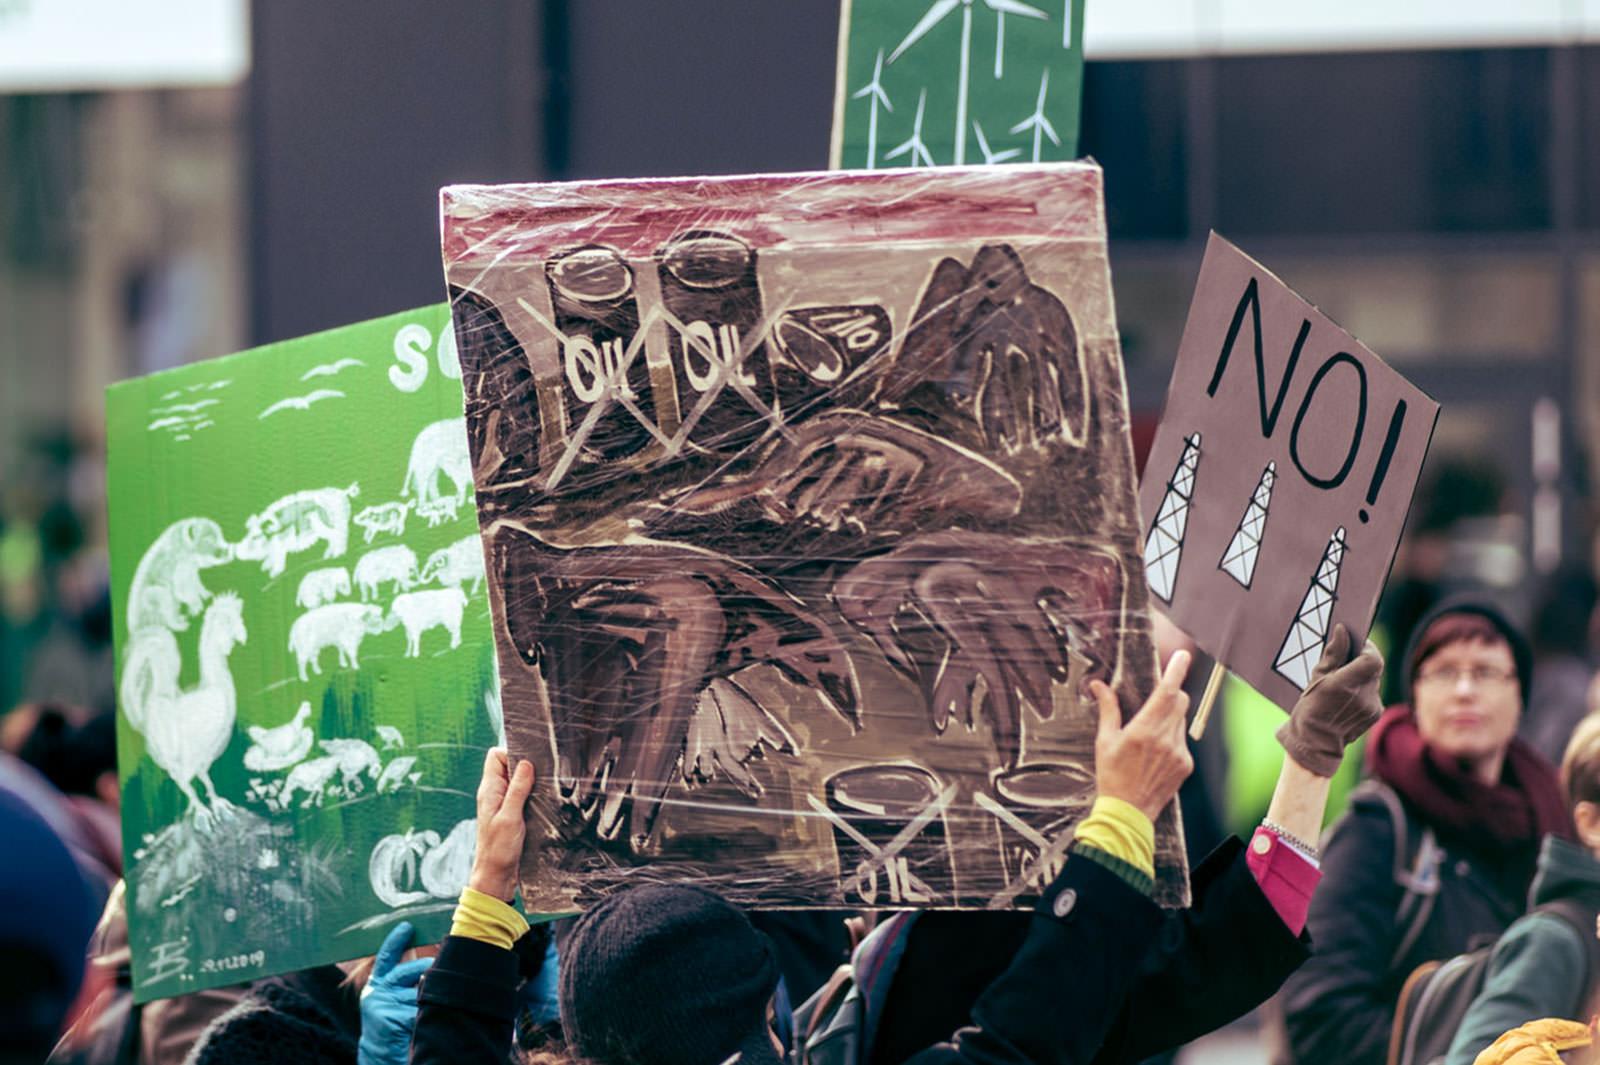 Demonstrierende Menschen mit gemalten Plakaten